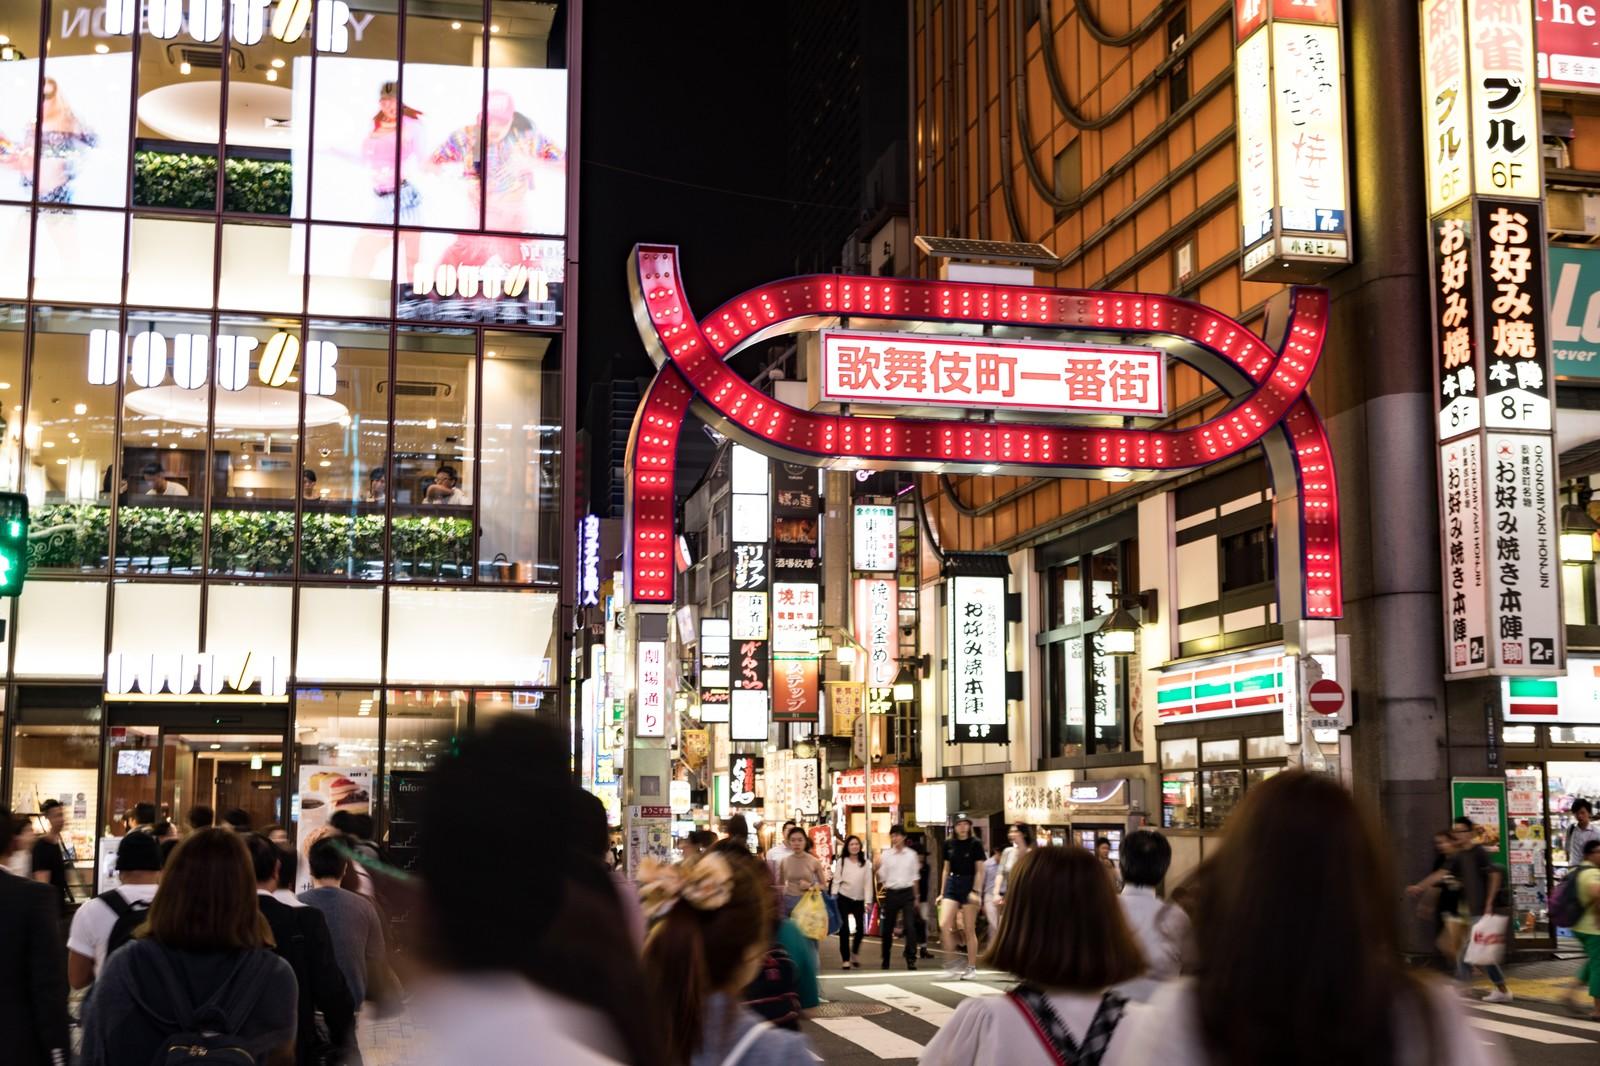 歌舞伎町の治安は?注意したいポイントを調査!女性の一人歩きは避けるべき?